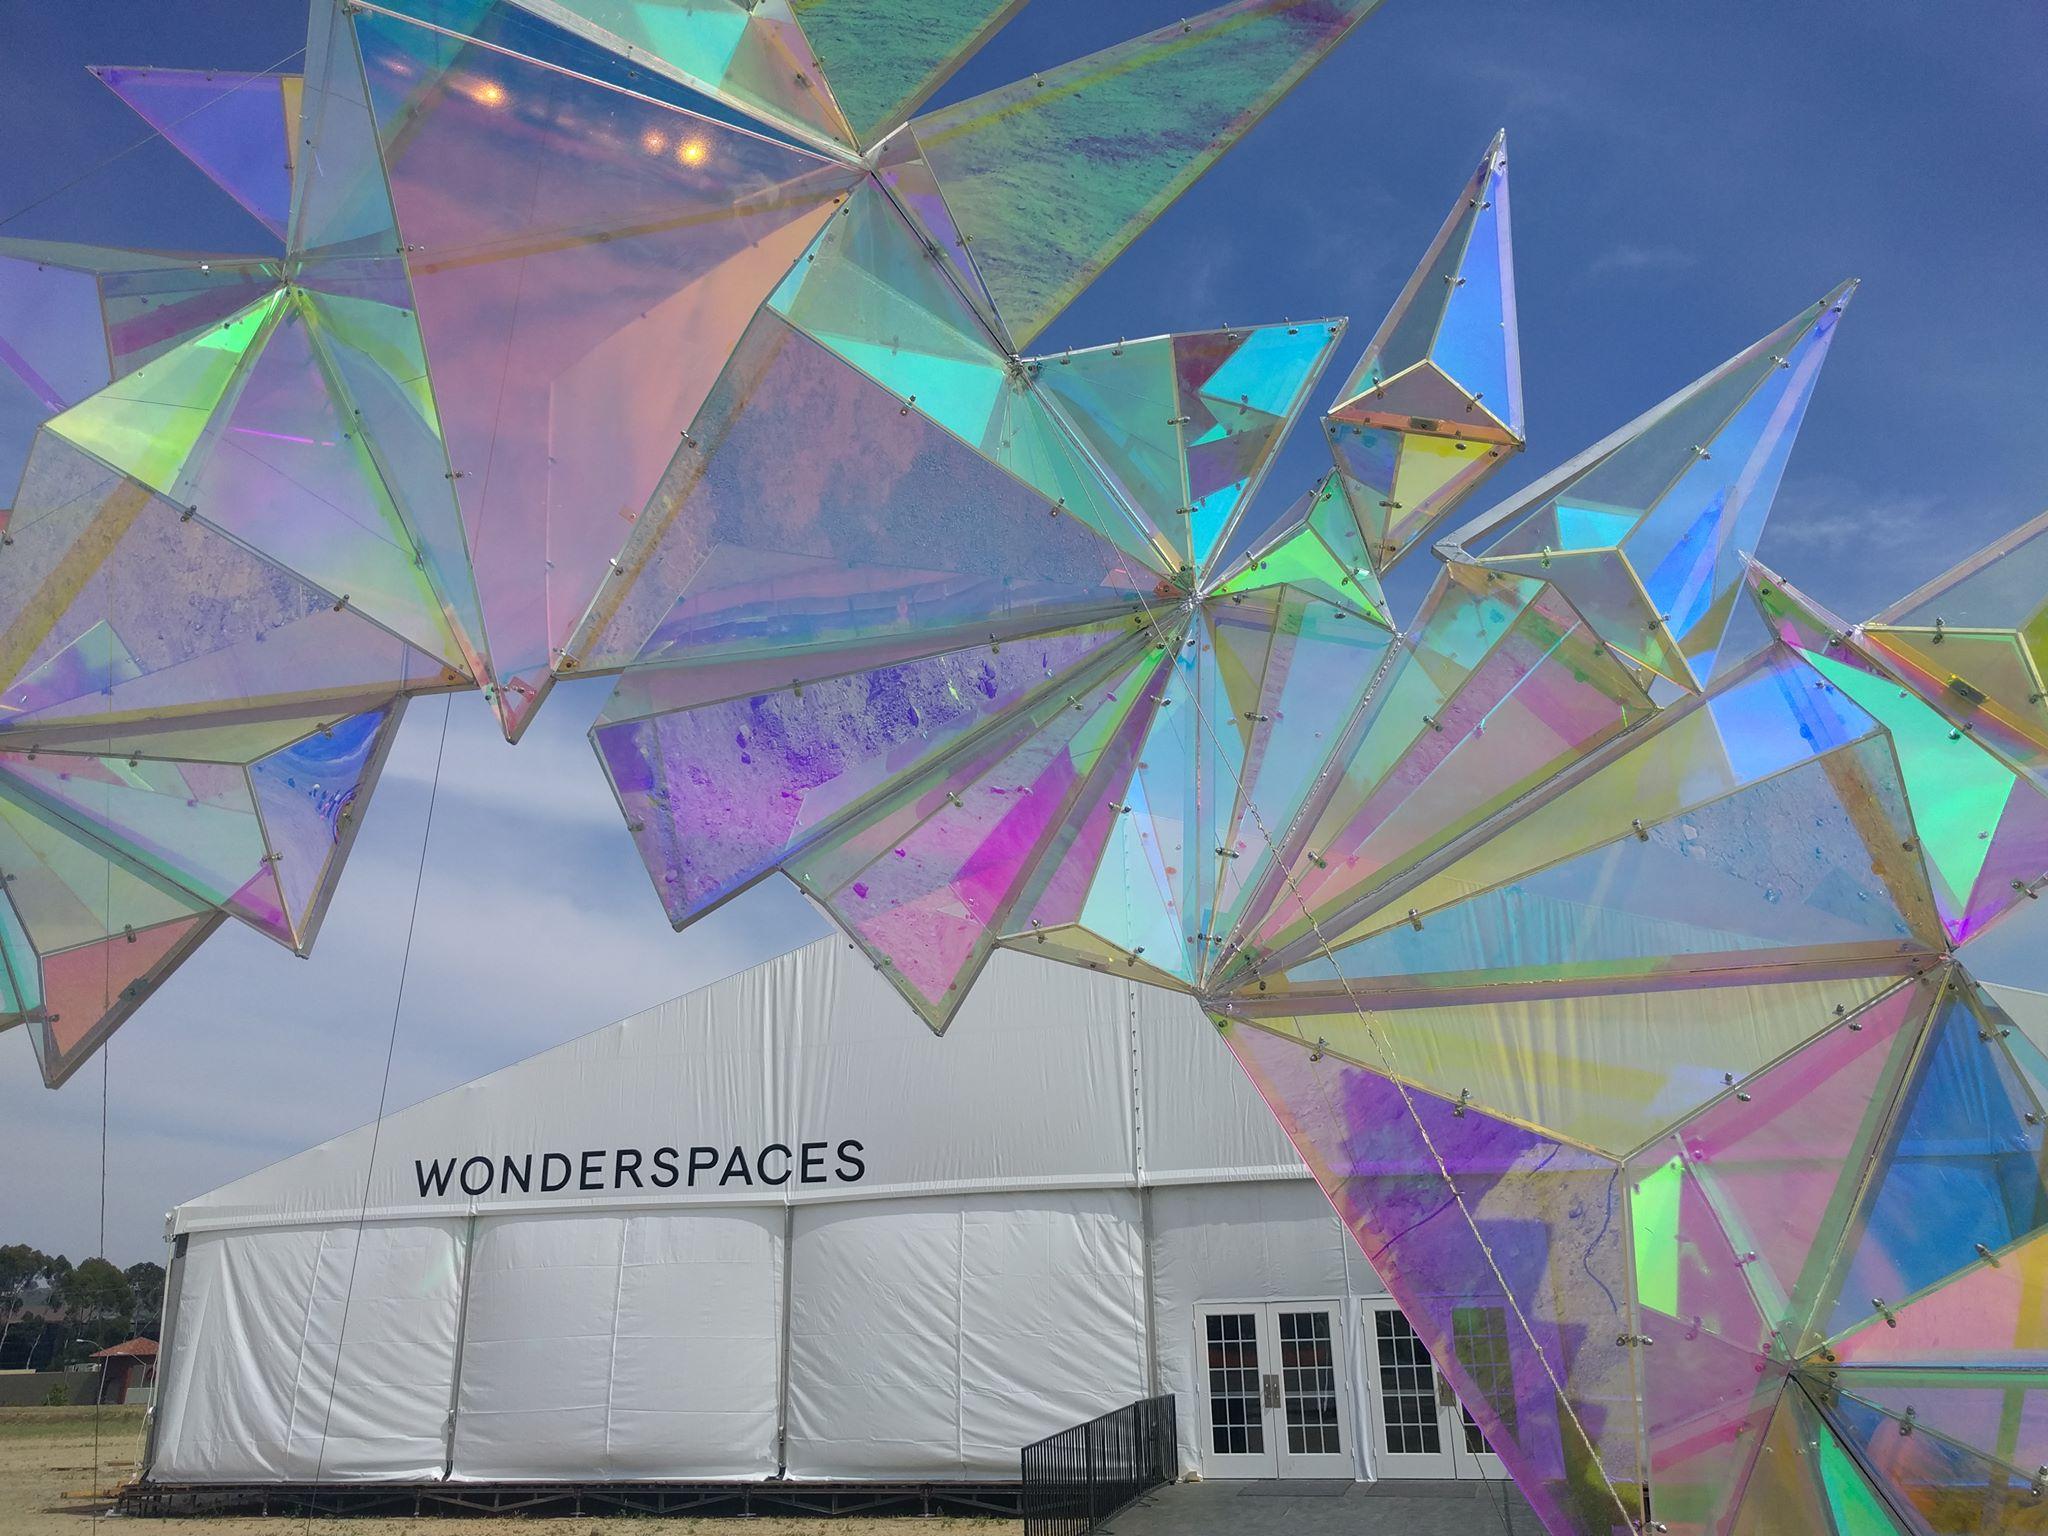 Wonderspaces pop up art gallery San Diego entrance